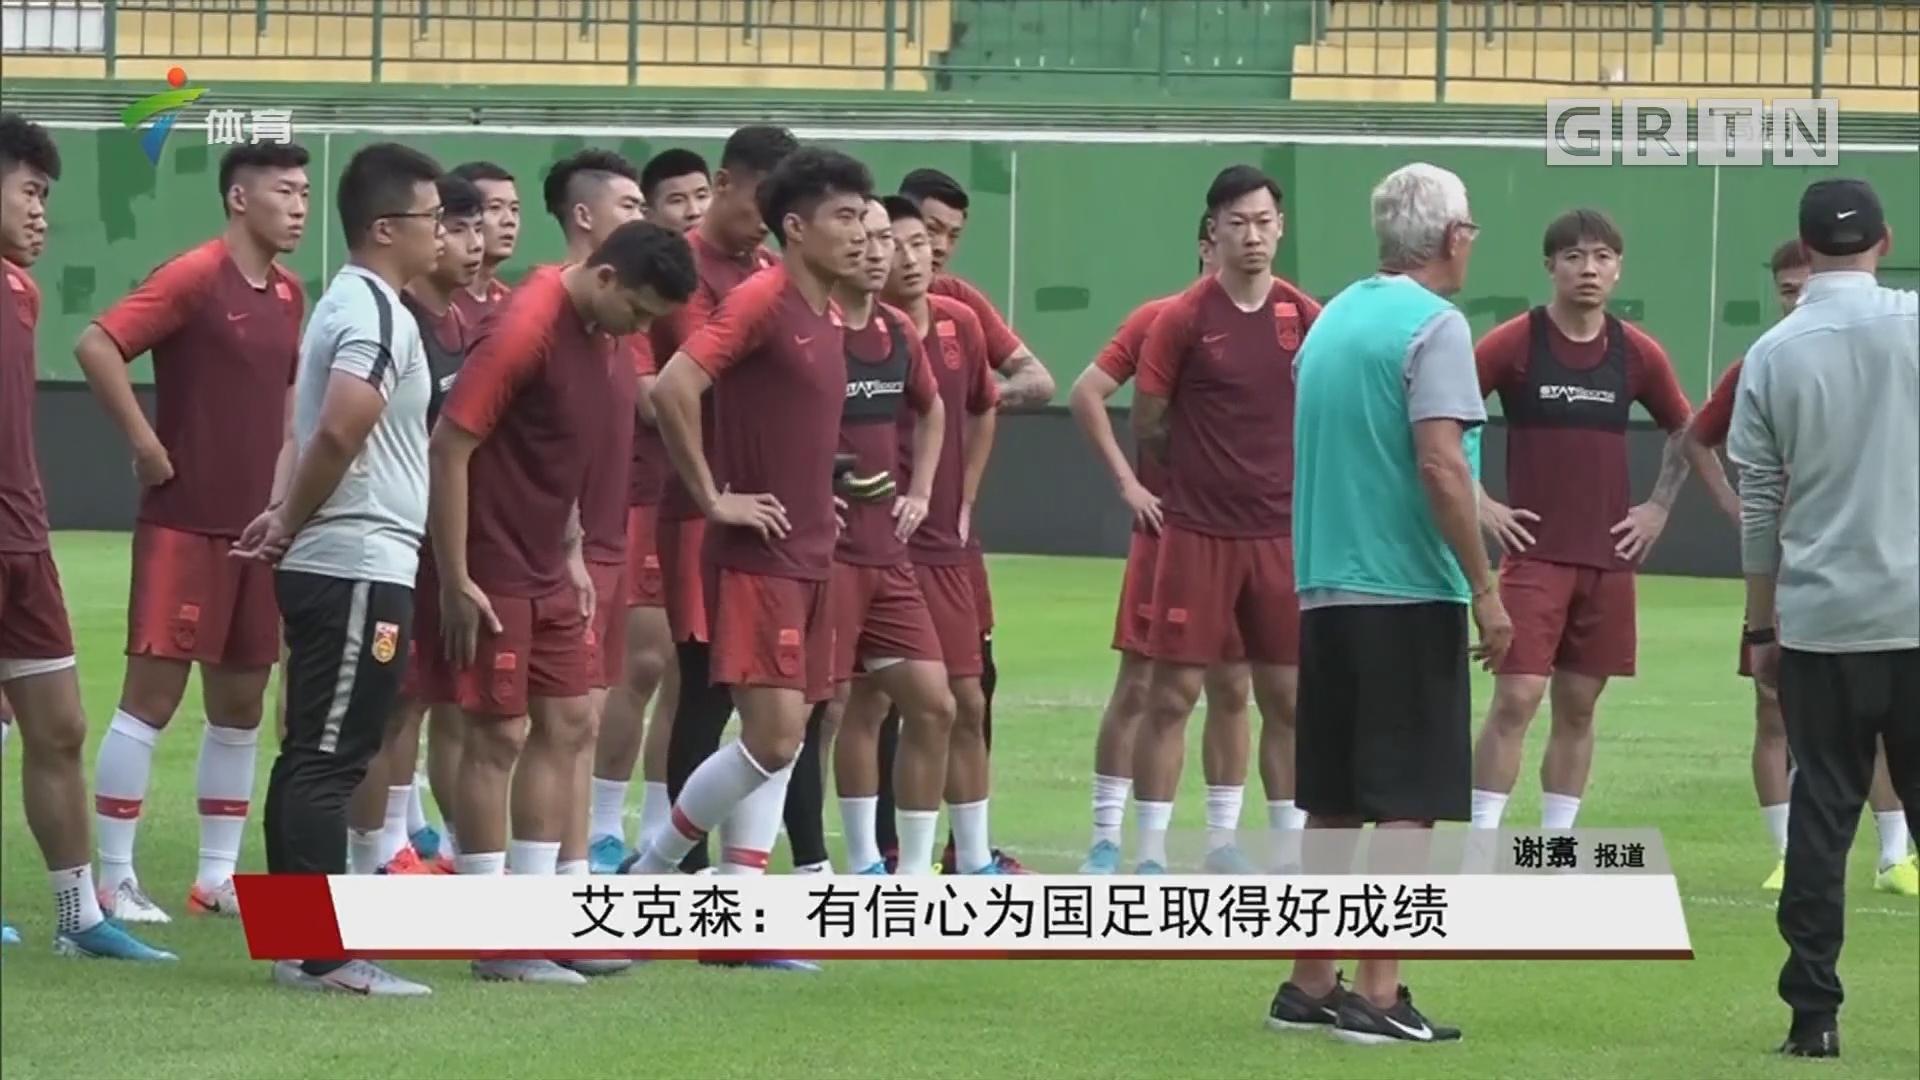 艾克森:有信心为国足取得好成绩